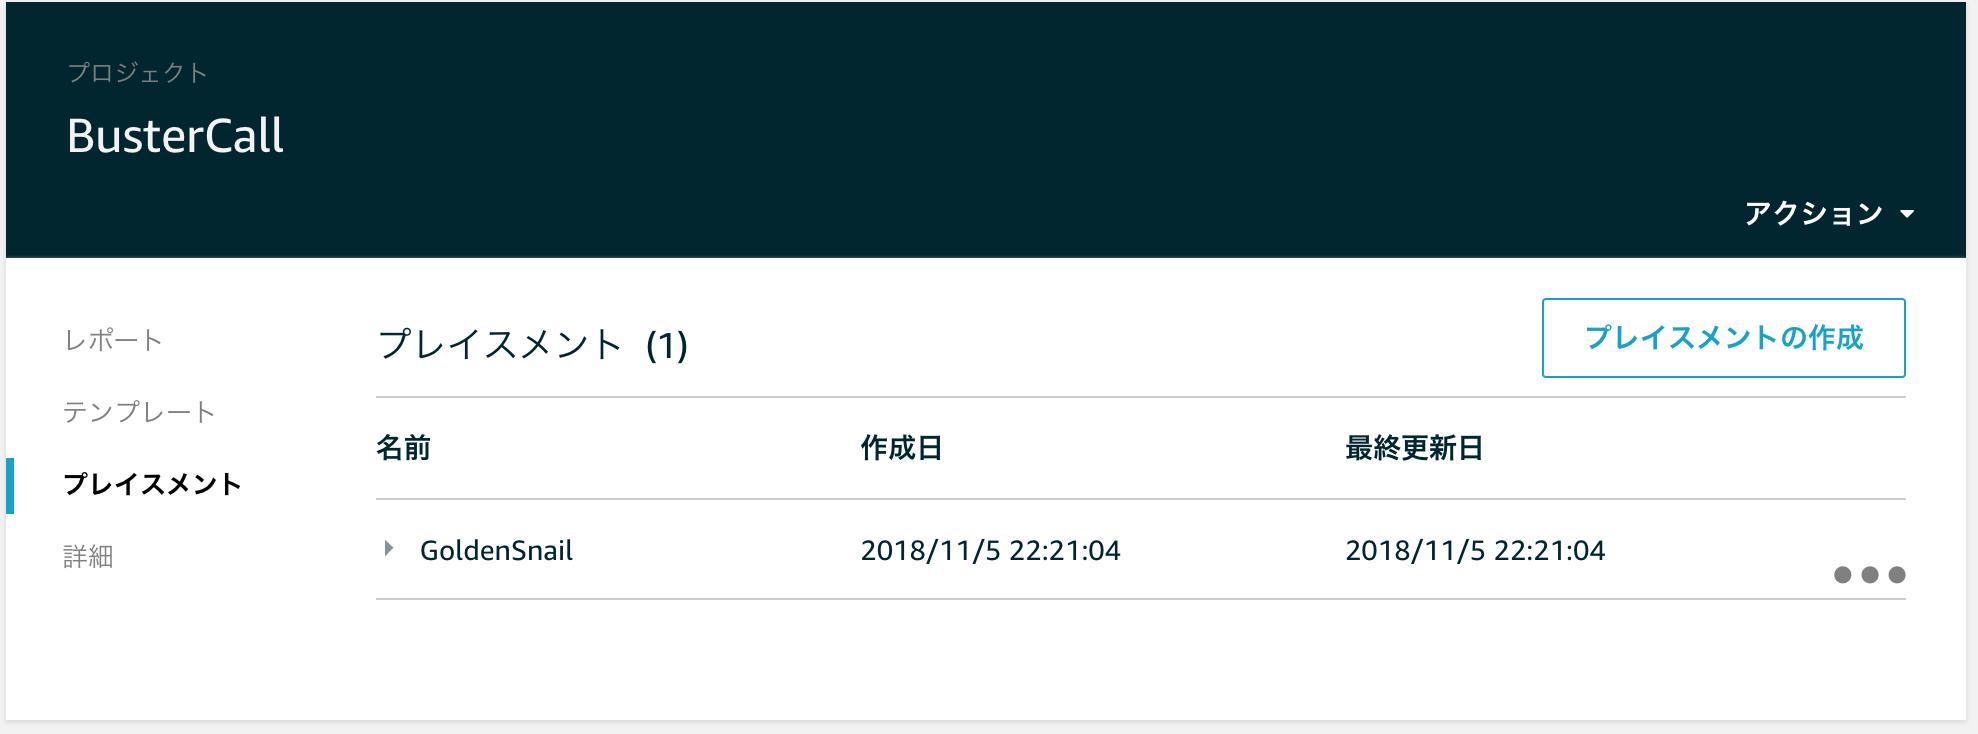 スクリーンショット 2018-11-05 22.38.11.png